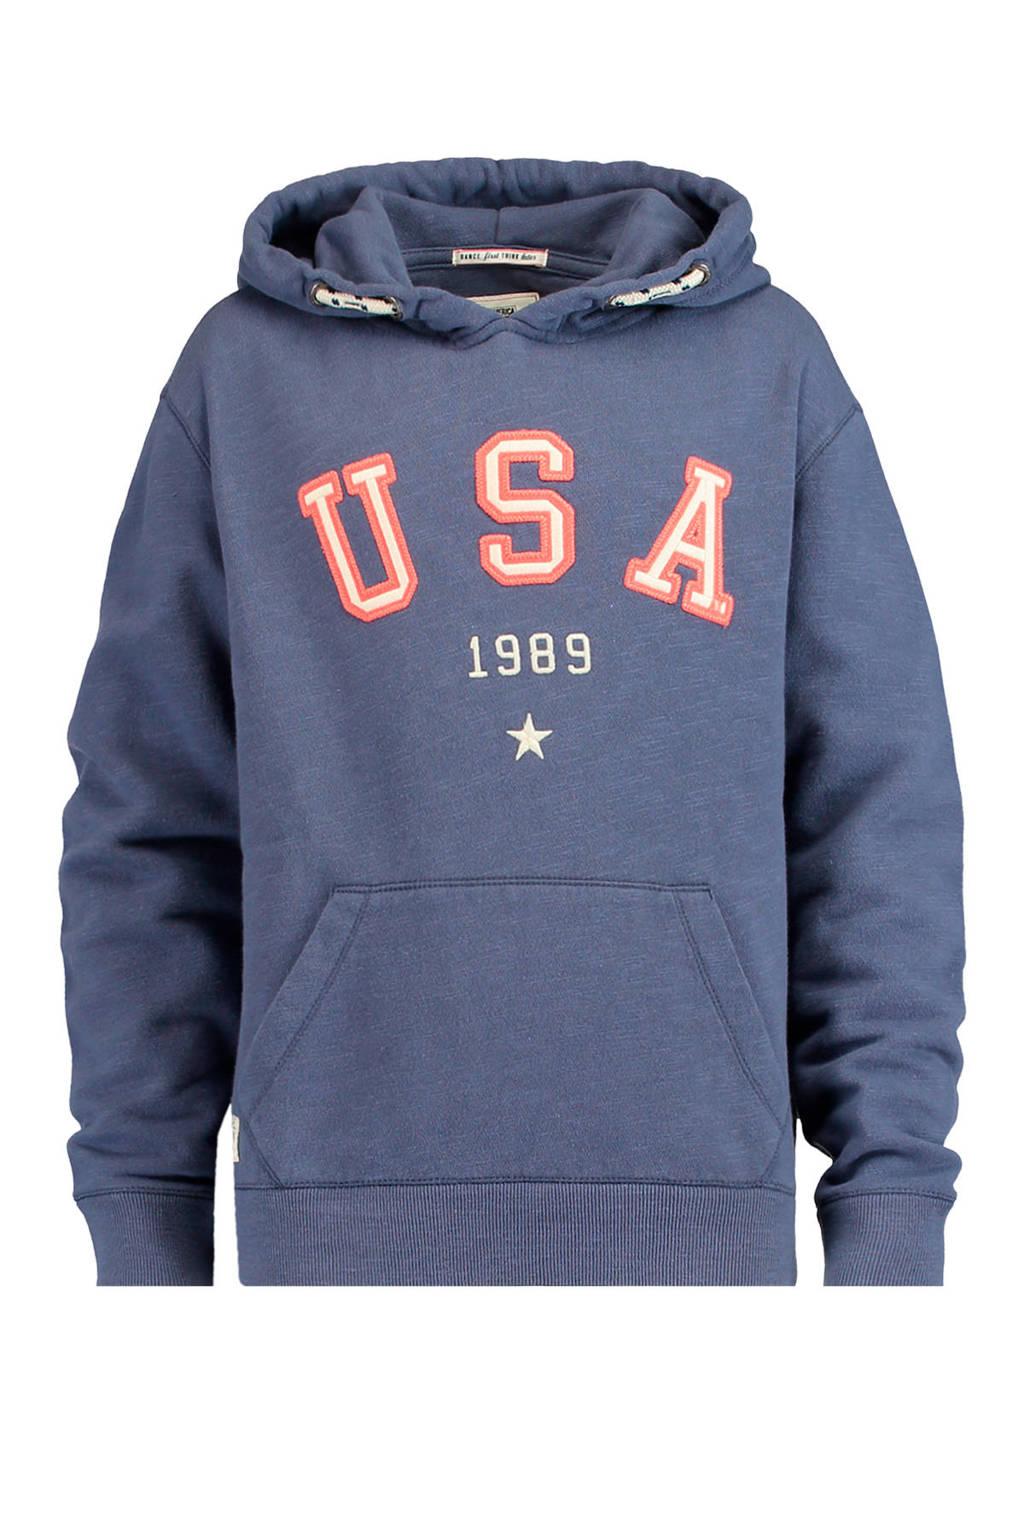 America Today Junior katoenen trui sharon blauw, Blauw